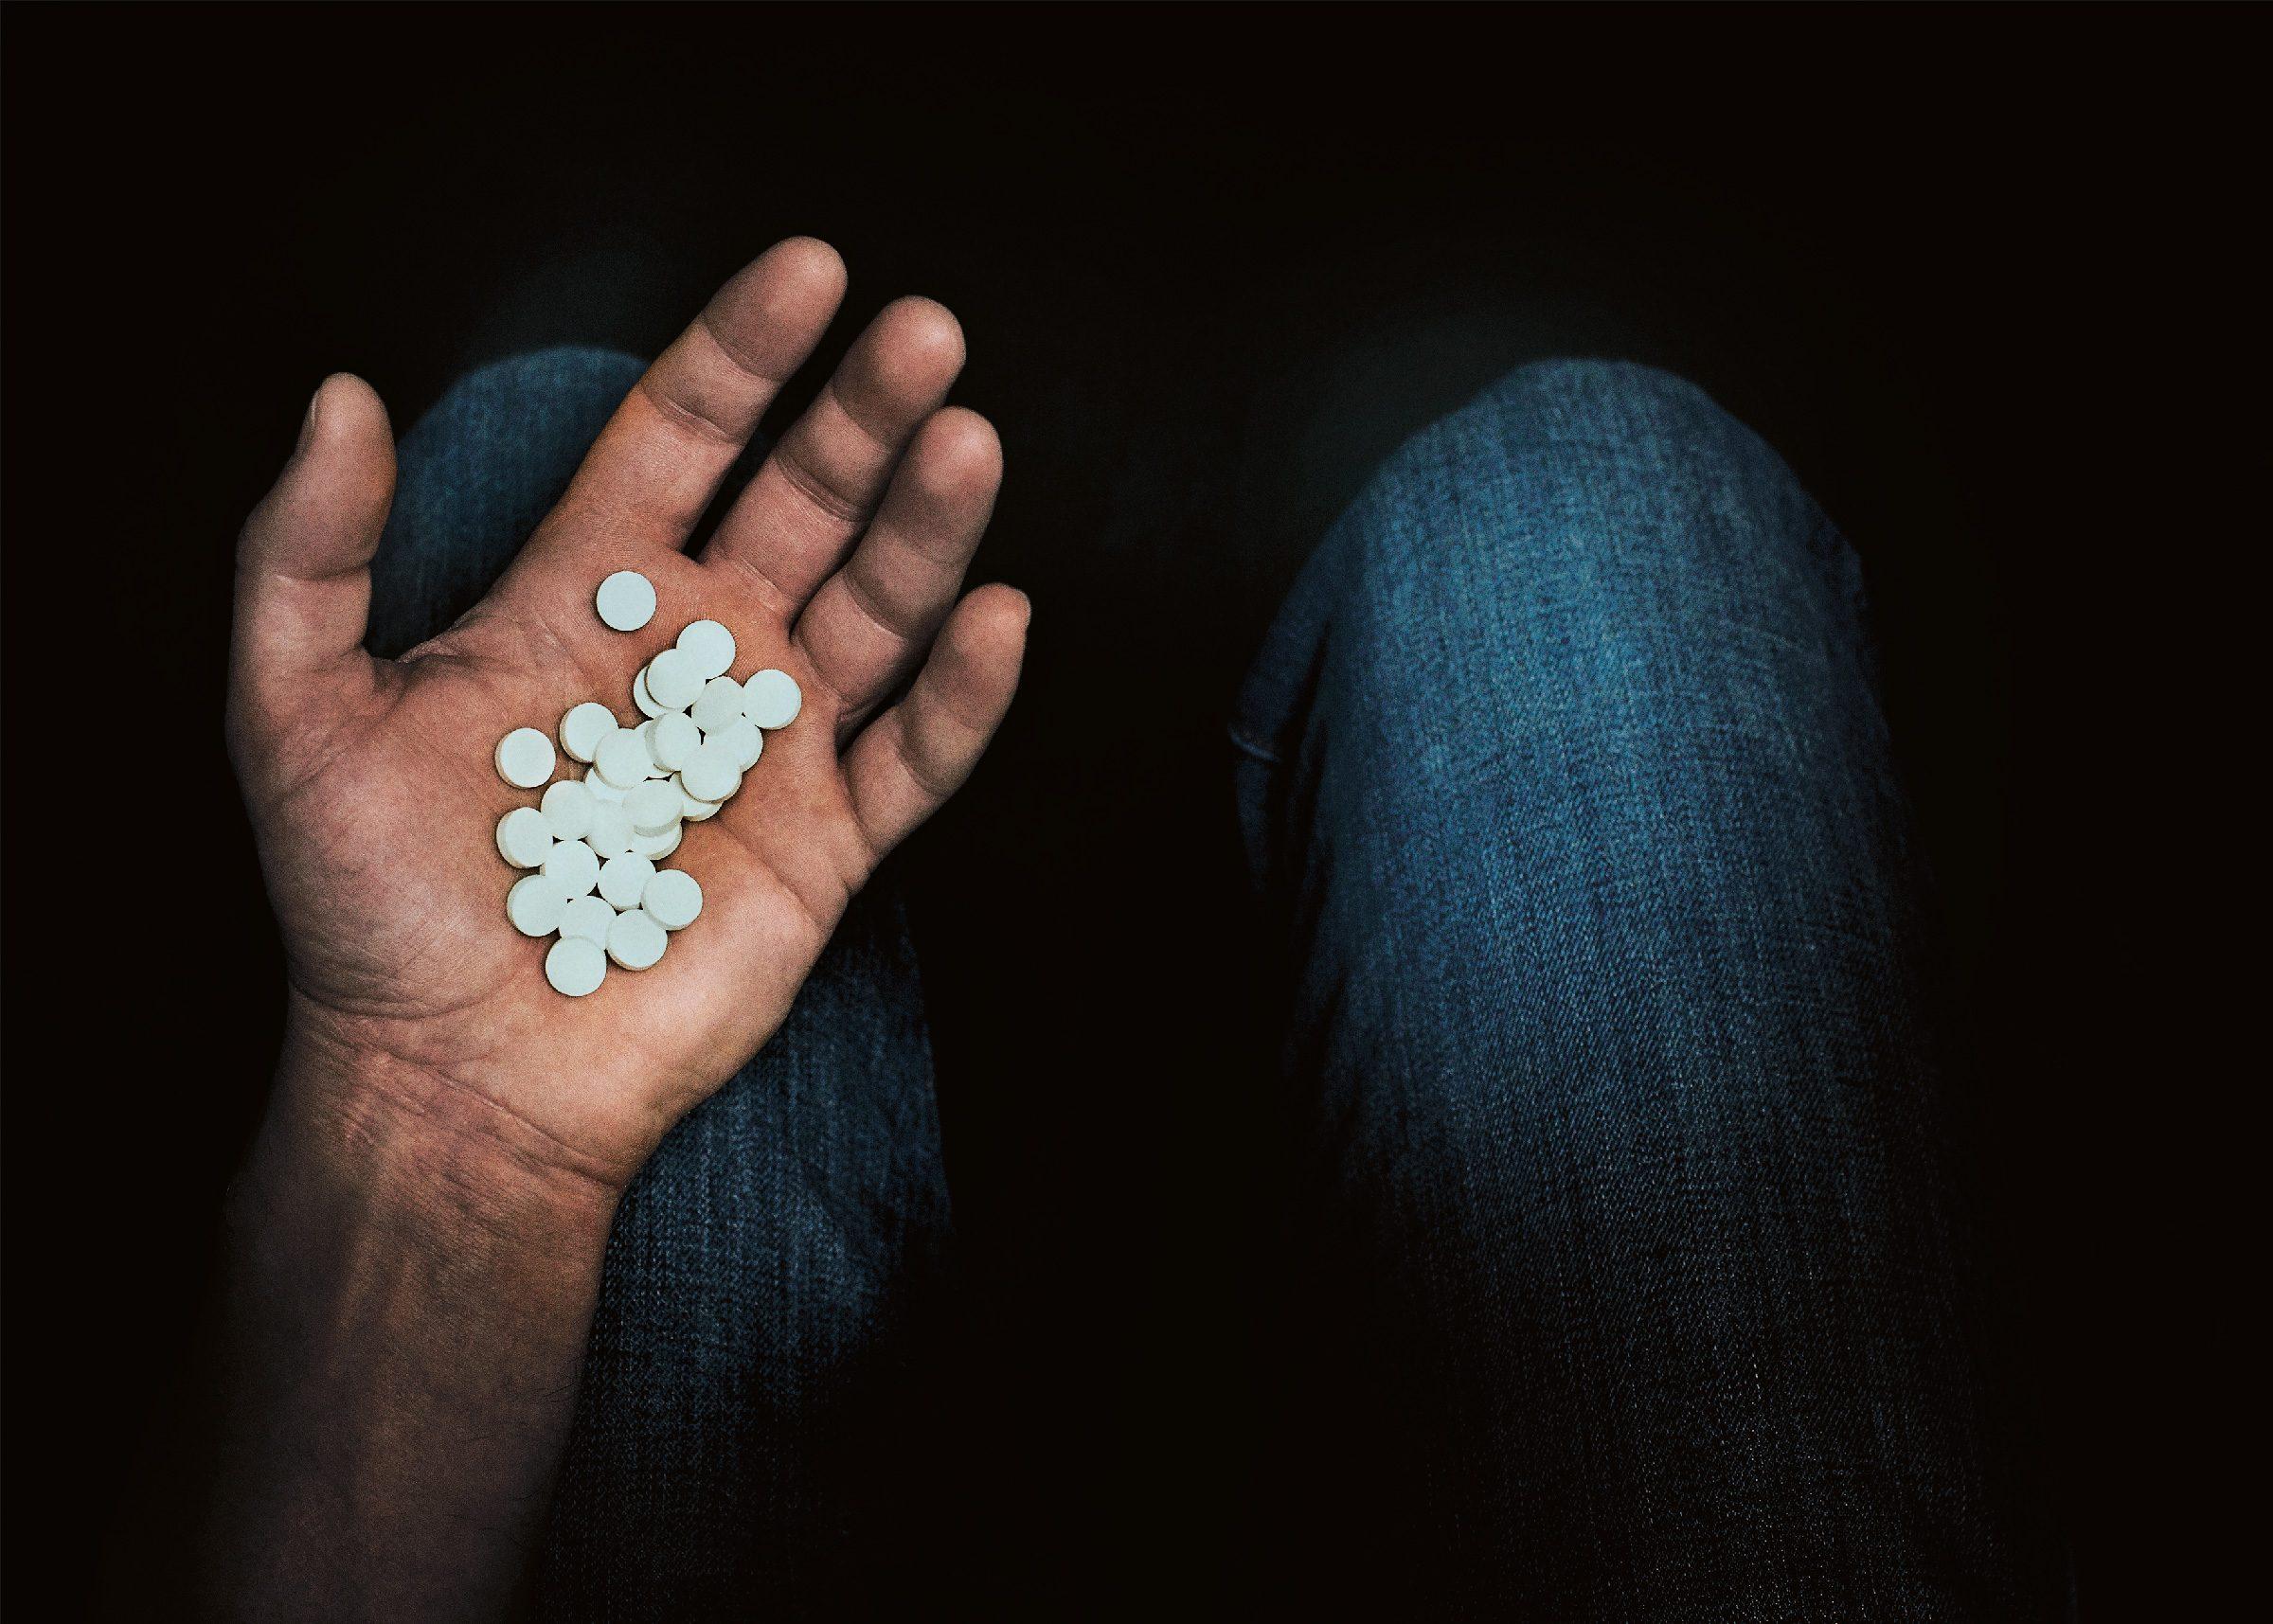 Inside Canada's Prescription Drug Problem